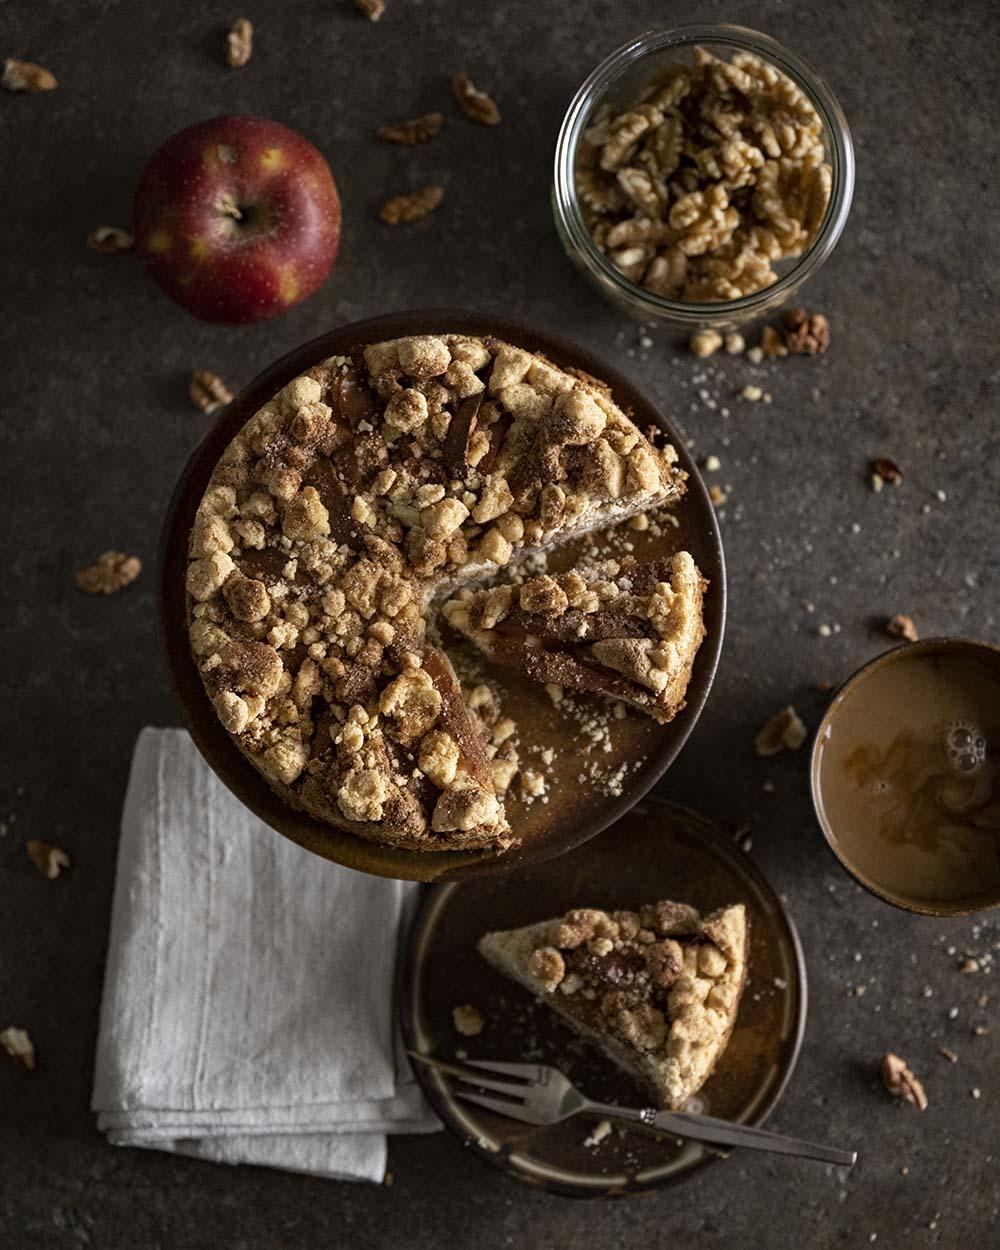 Die Haffeetafel mit dem fertig gebackenen Streuselkuchen, fotografiert von oben. Ein Stück liegt bereits auf einem Teller.